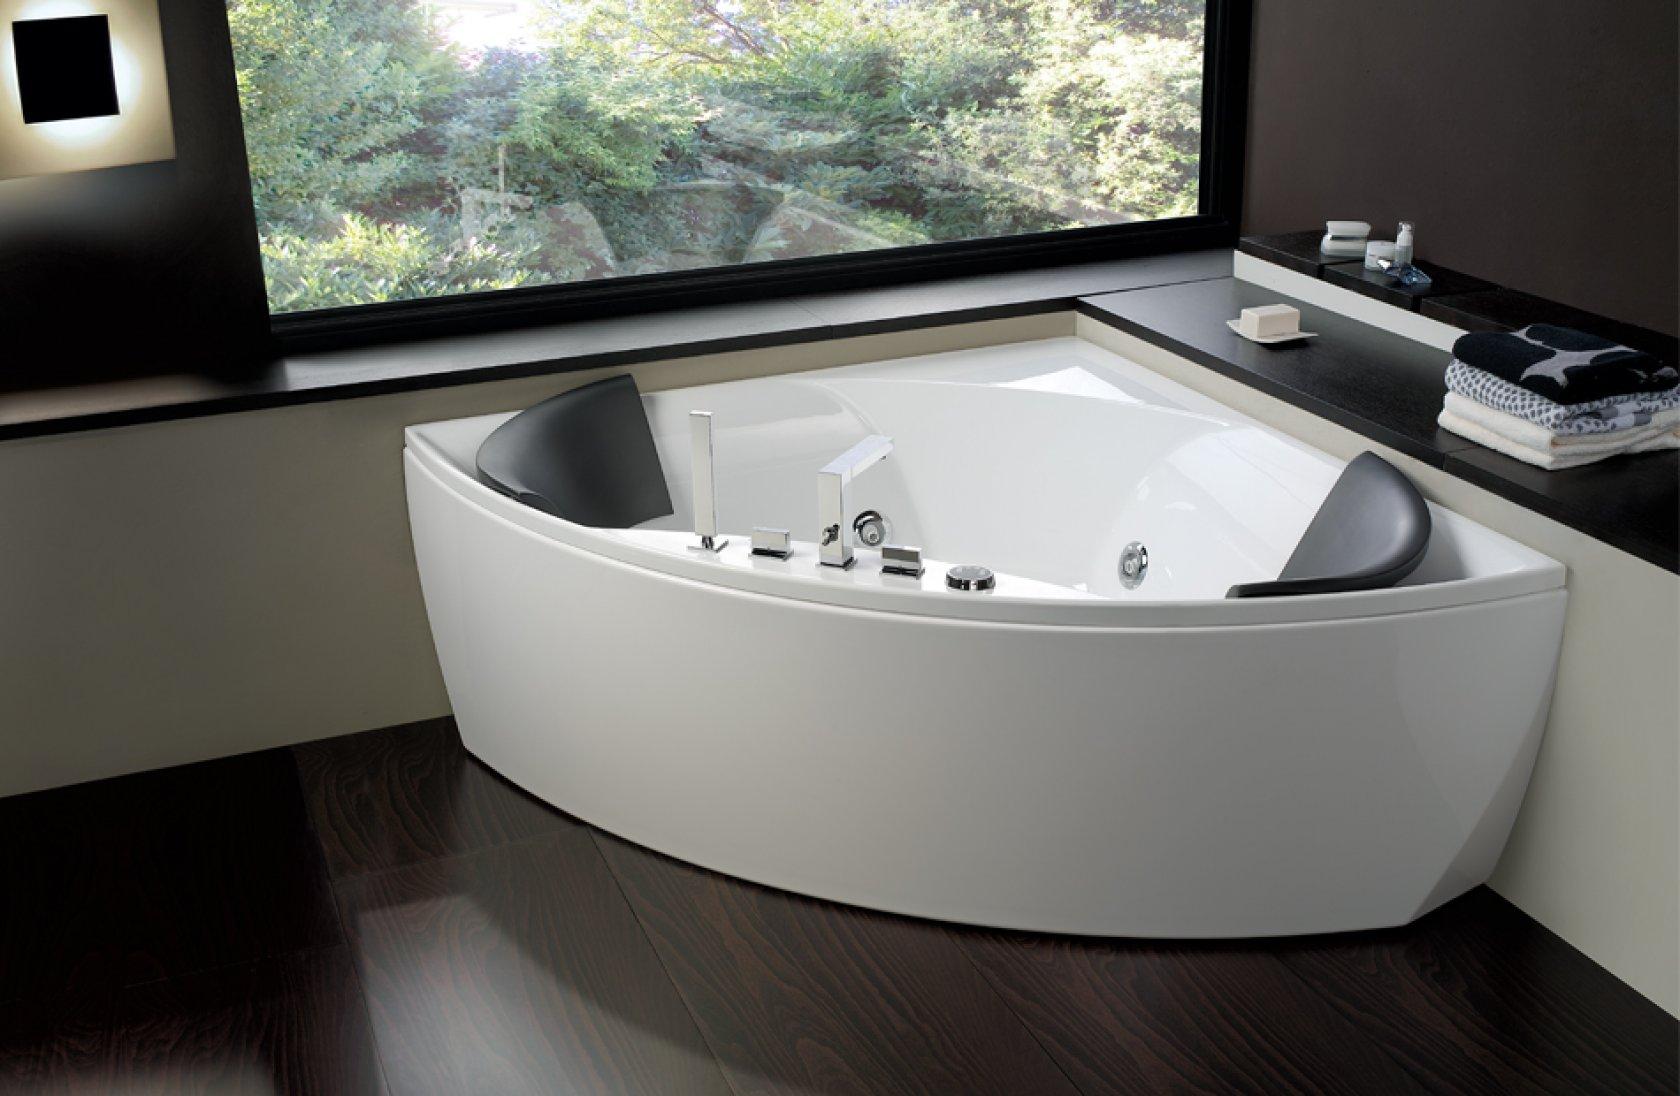 Vasca Da Bagno Angolare Dimensioni : La vasca da bagno come sceglierla per avere una stanza del benessere